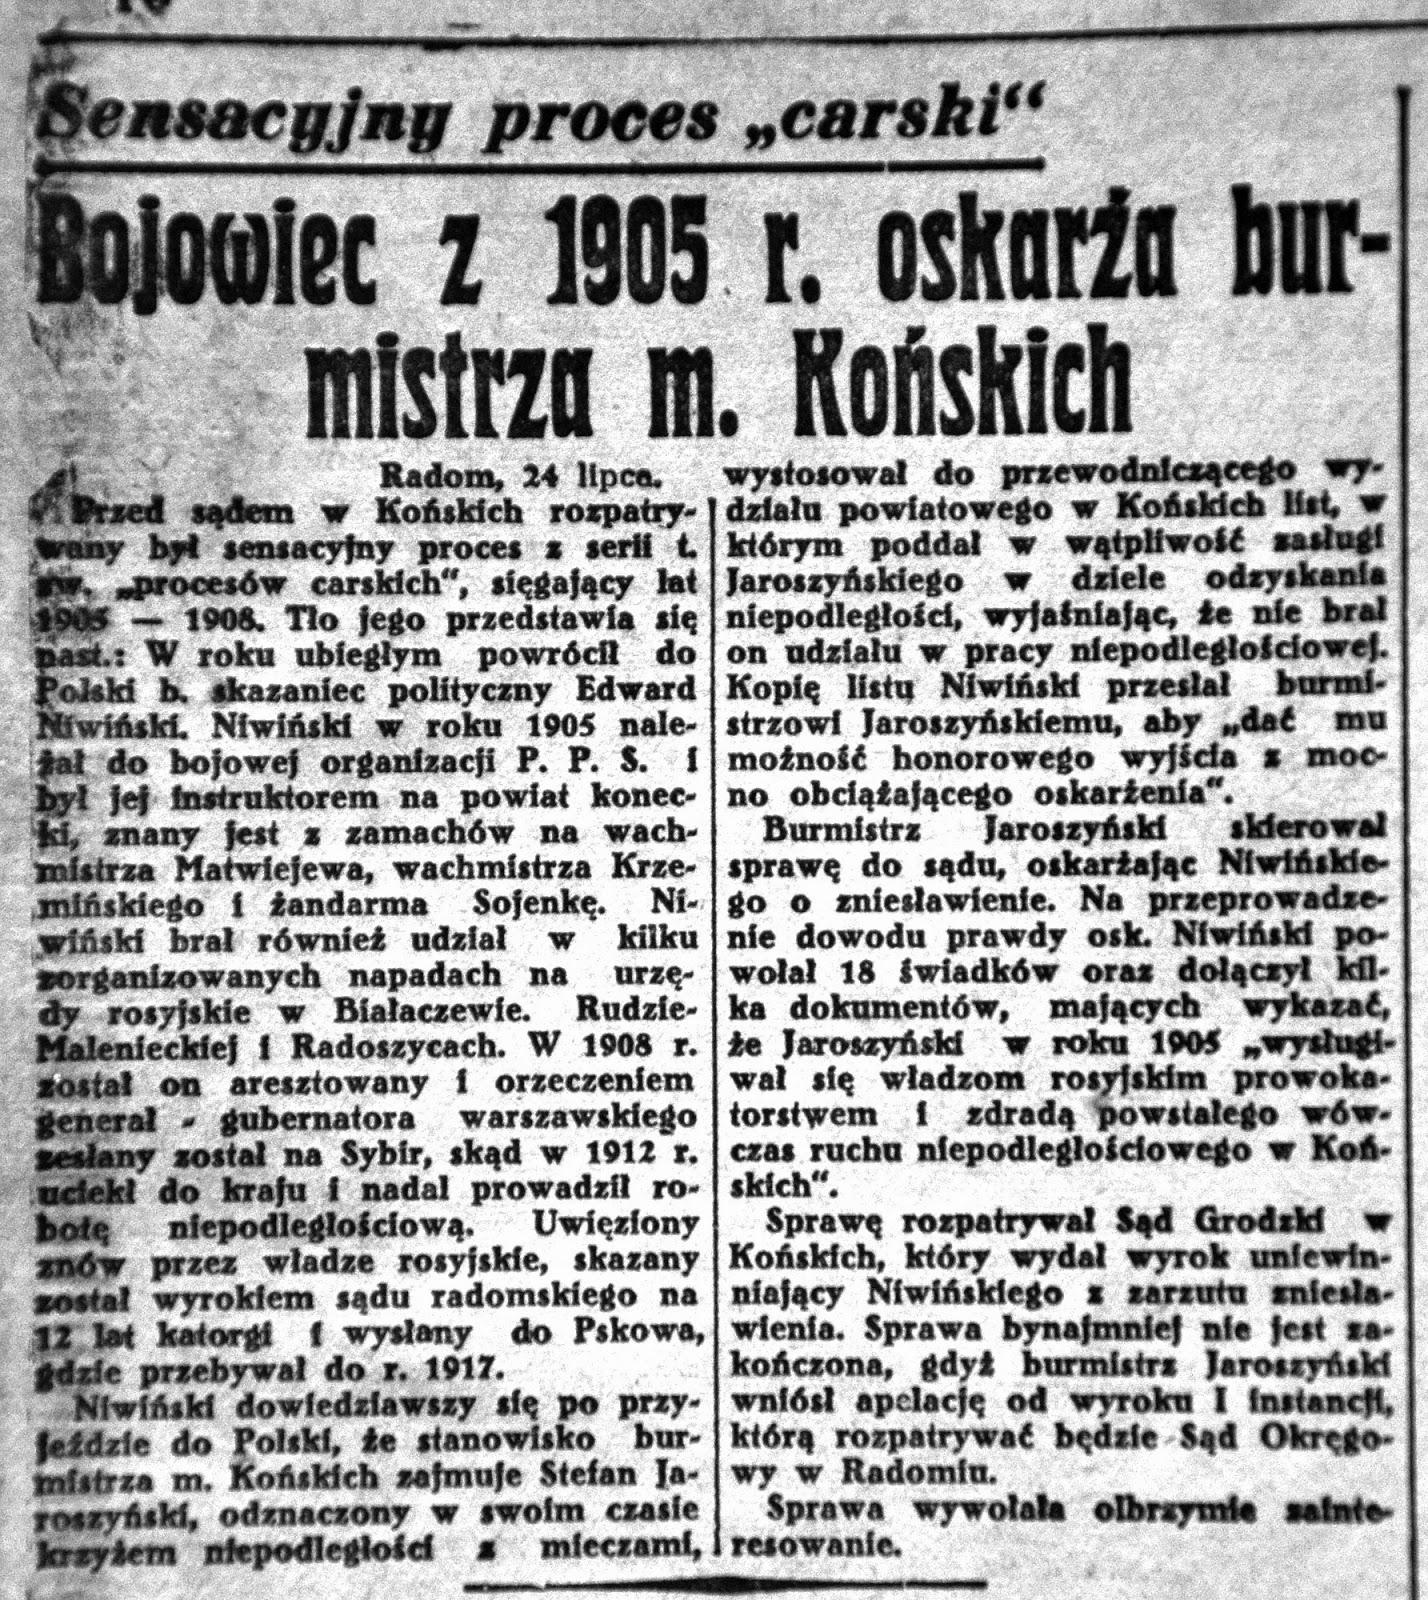 Artykuł w Kurierze Porannym, Warszawa 25.07.1937, nr 204. Gazeta w zbiorach KW.